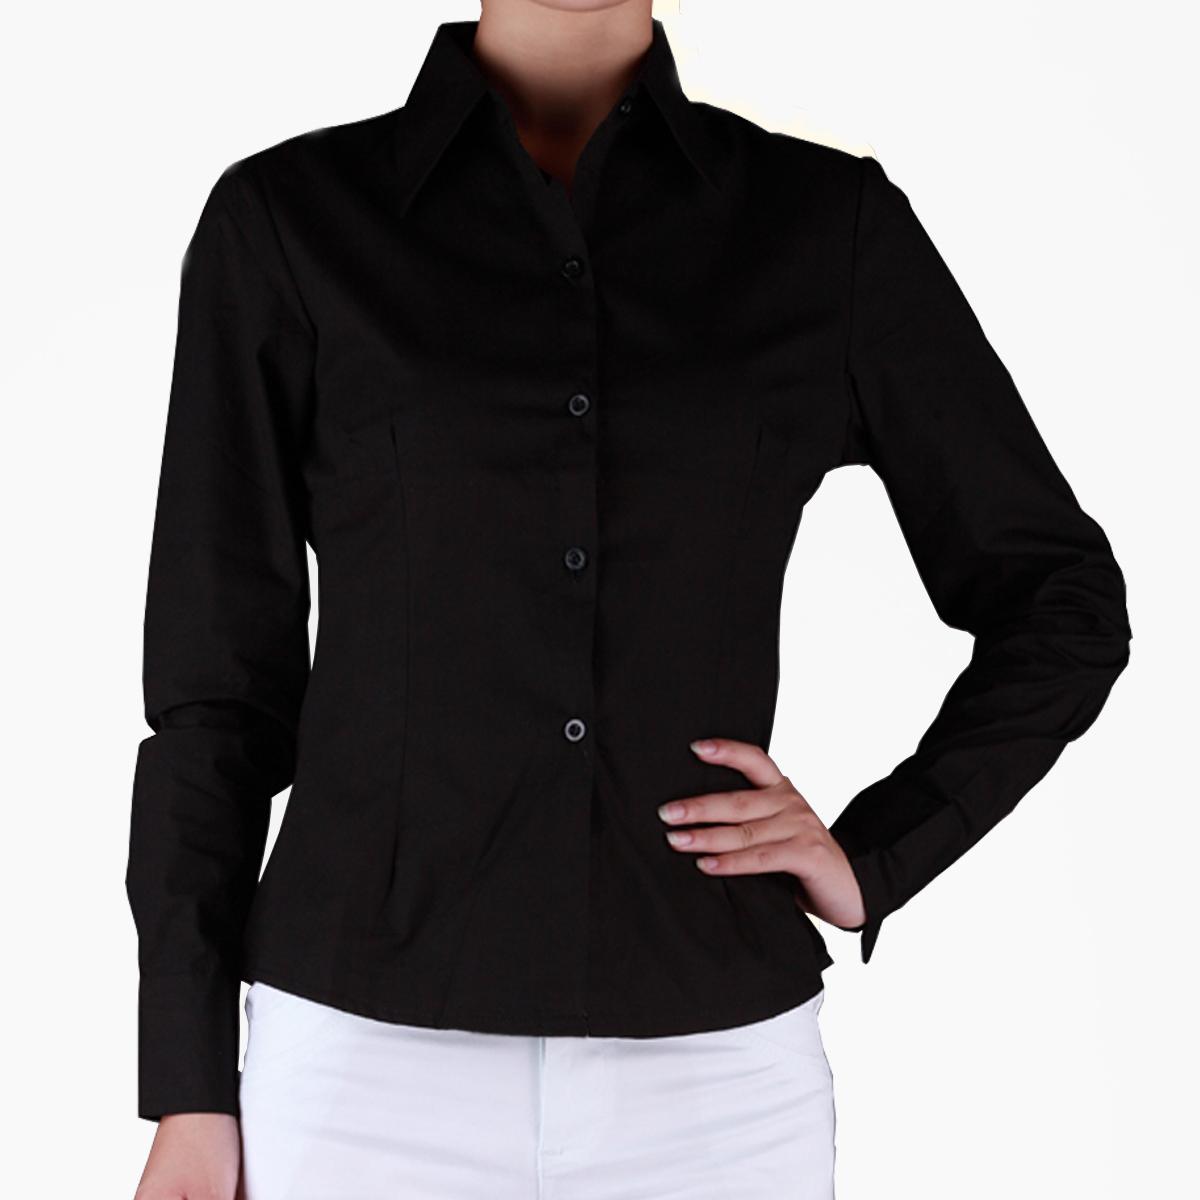 женская рубашка Дешевые рубашки женщин длинные рукава лацканы рубашка черный хлопок c05-1-ол собственного профессионального инструмента XL Повседневный Длинный рукав Однотонный цвет